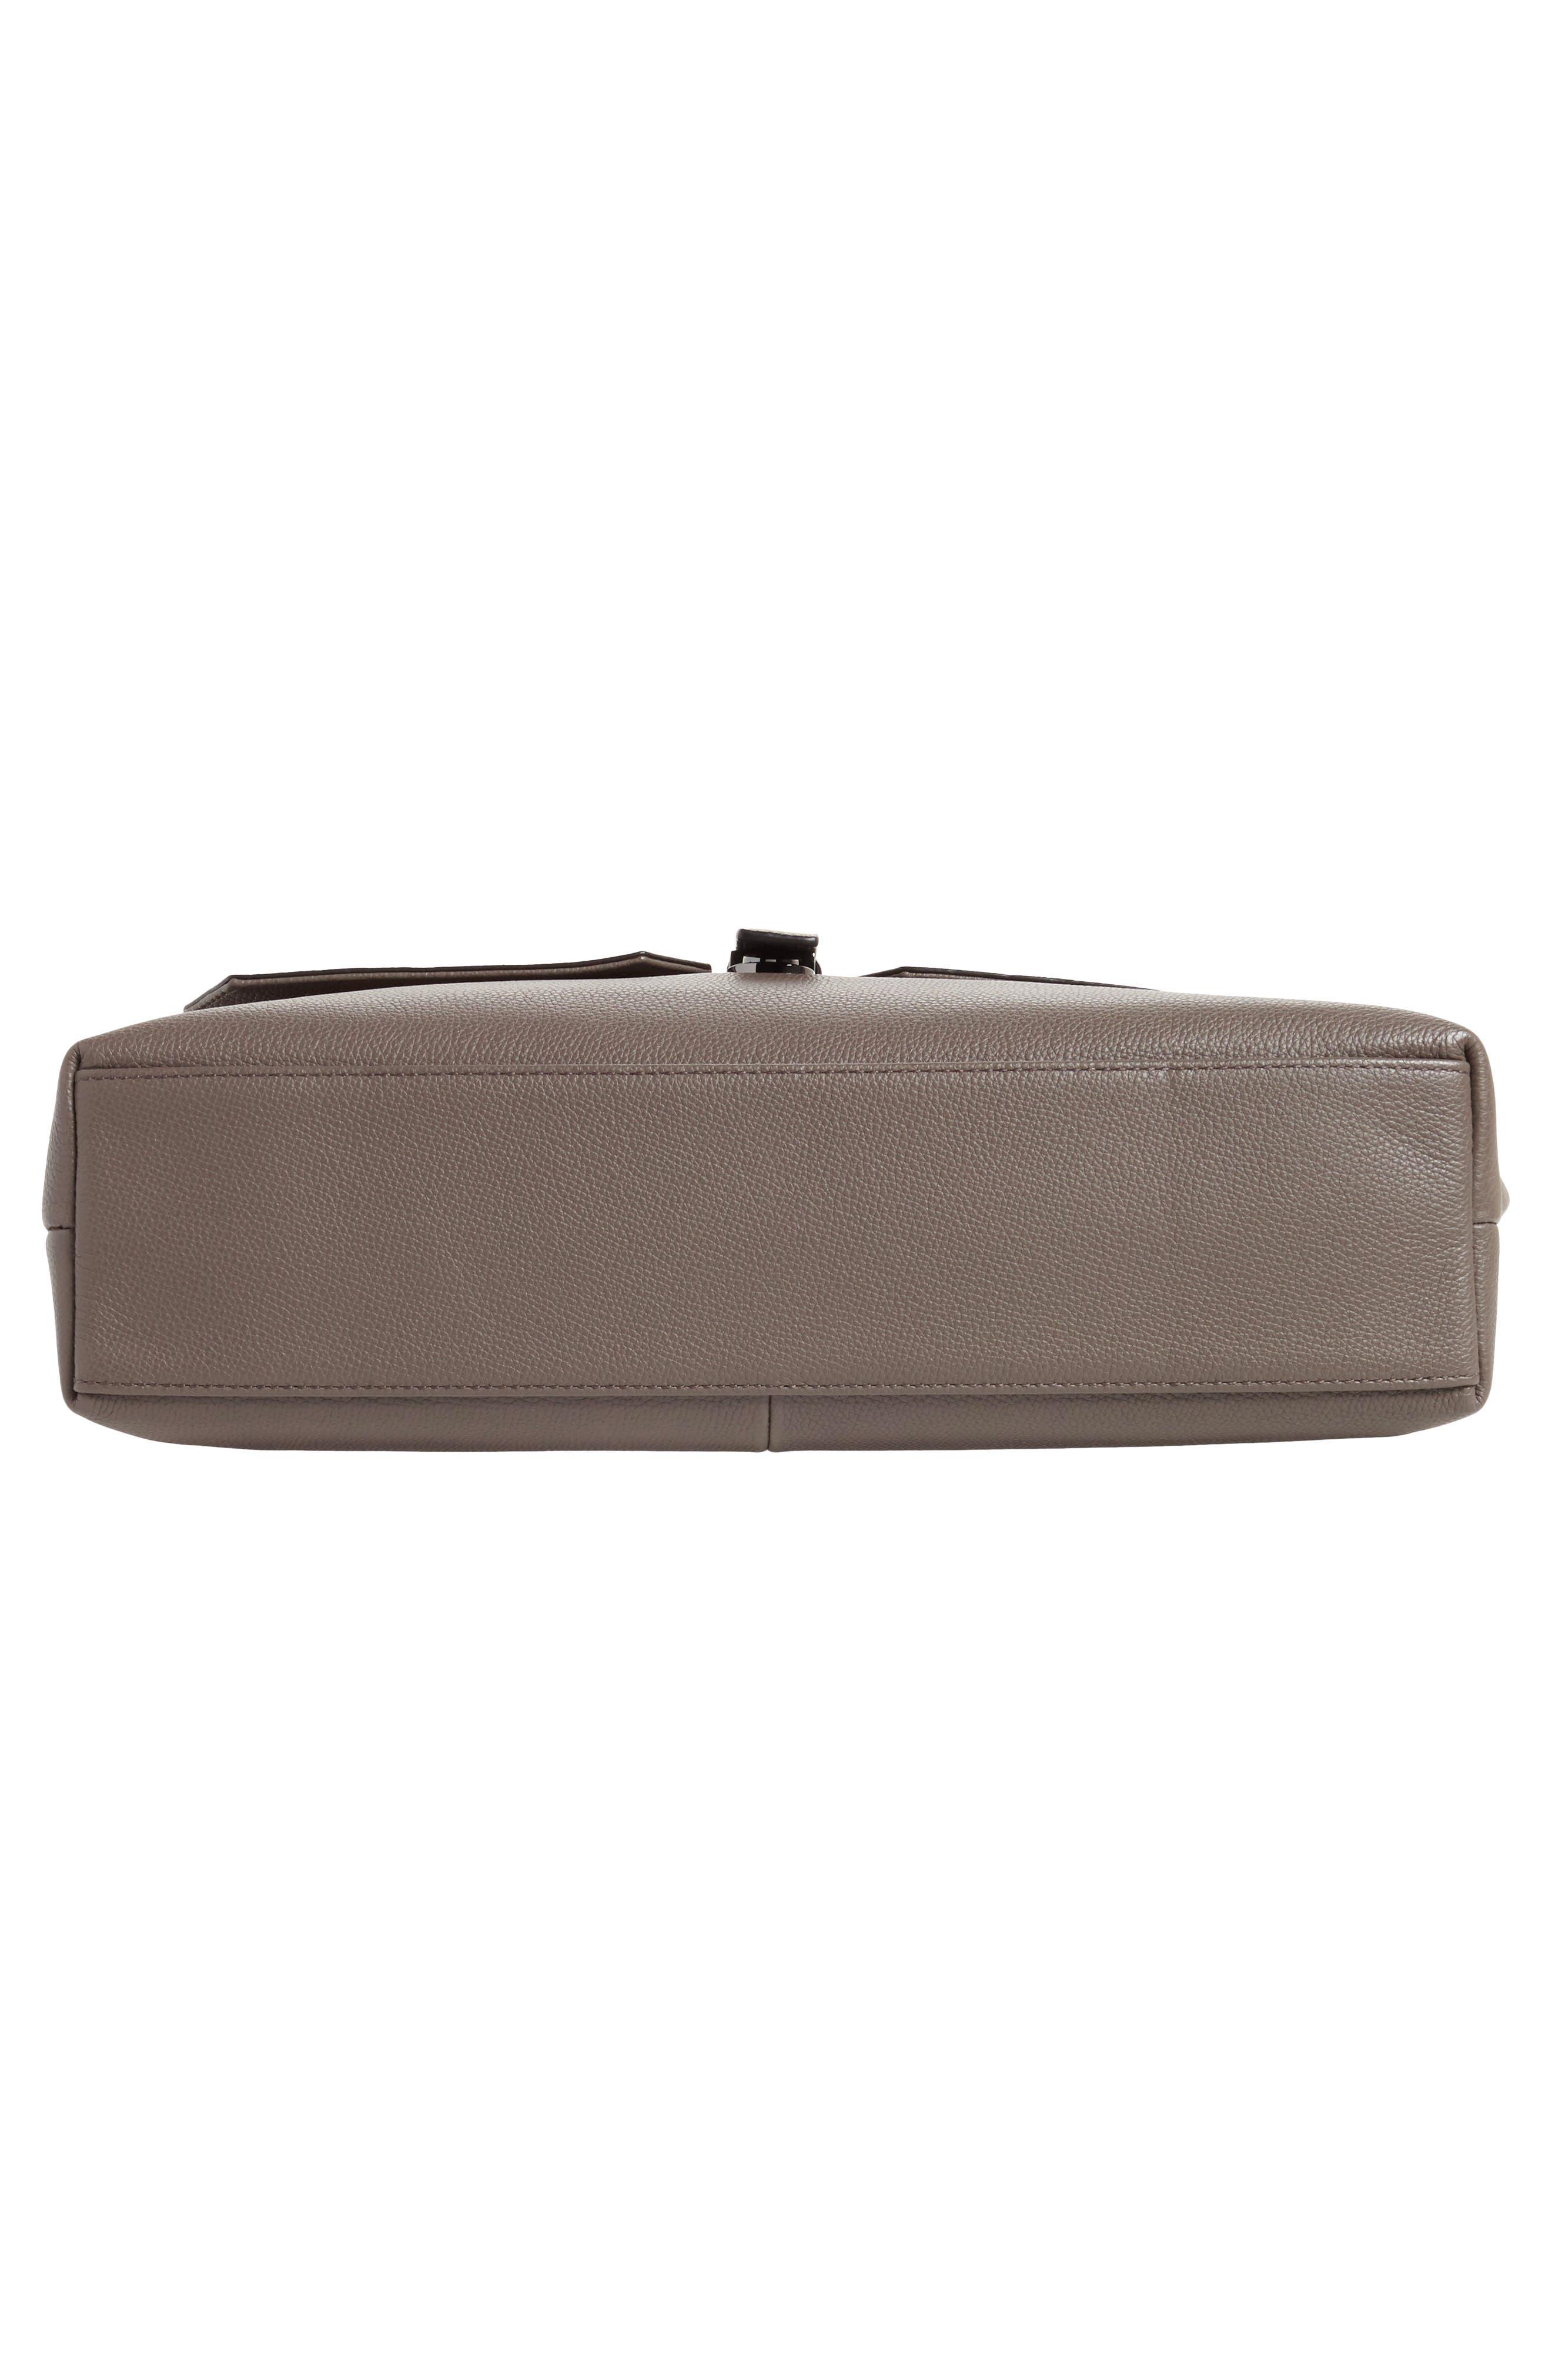 Ted Baker Sandune Leather Messenger Bag,                             Alternate thumbnail 6, color,                             030